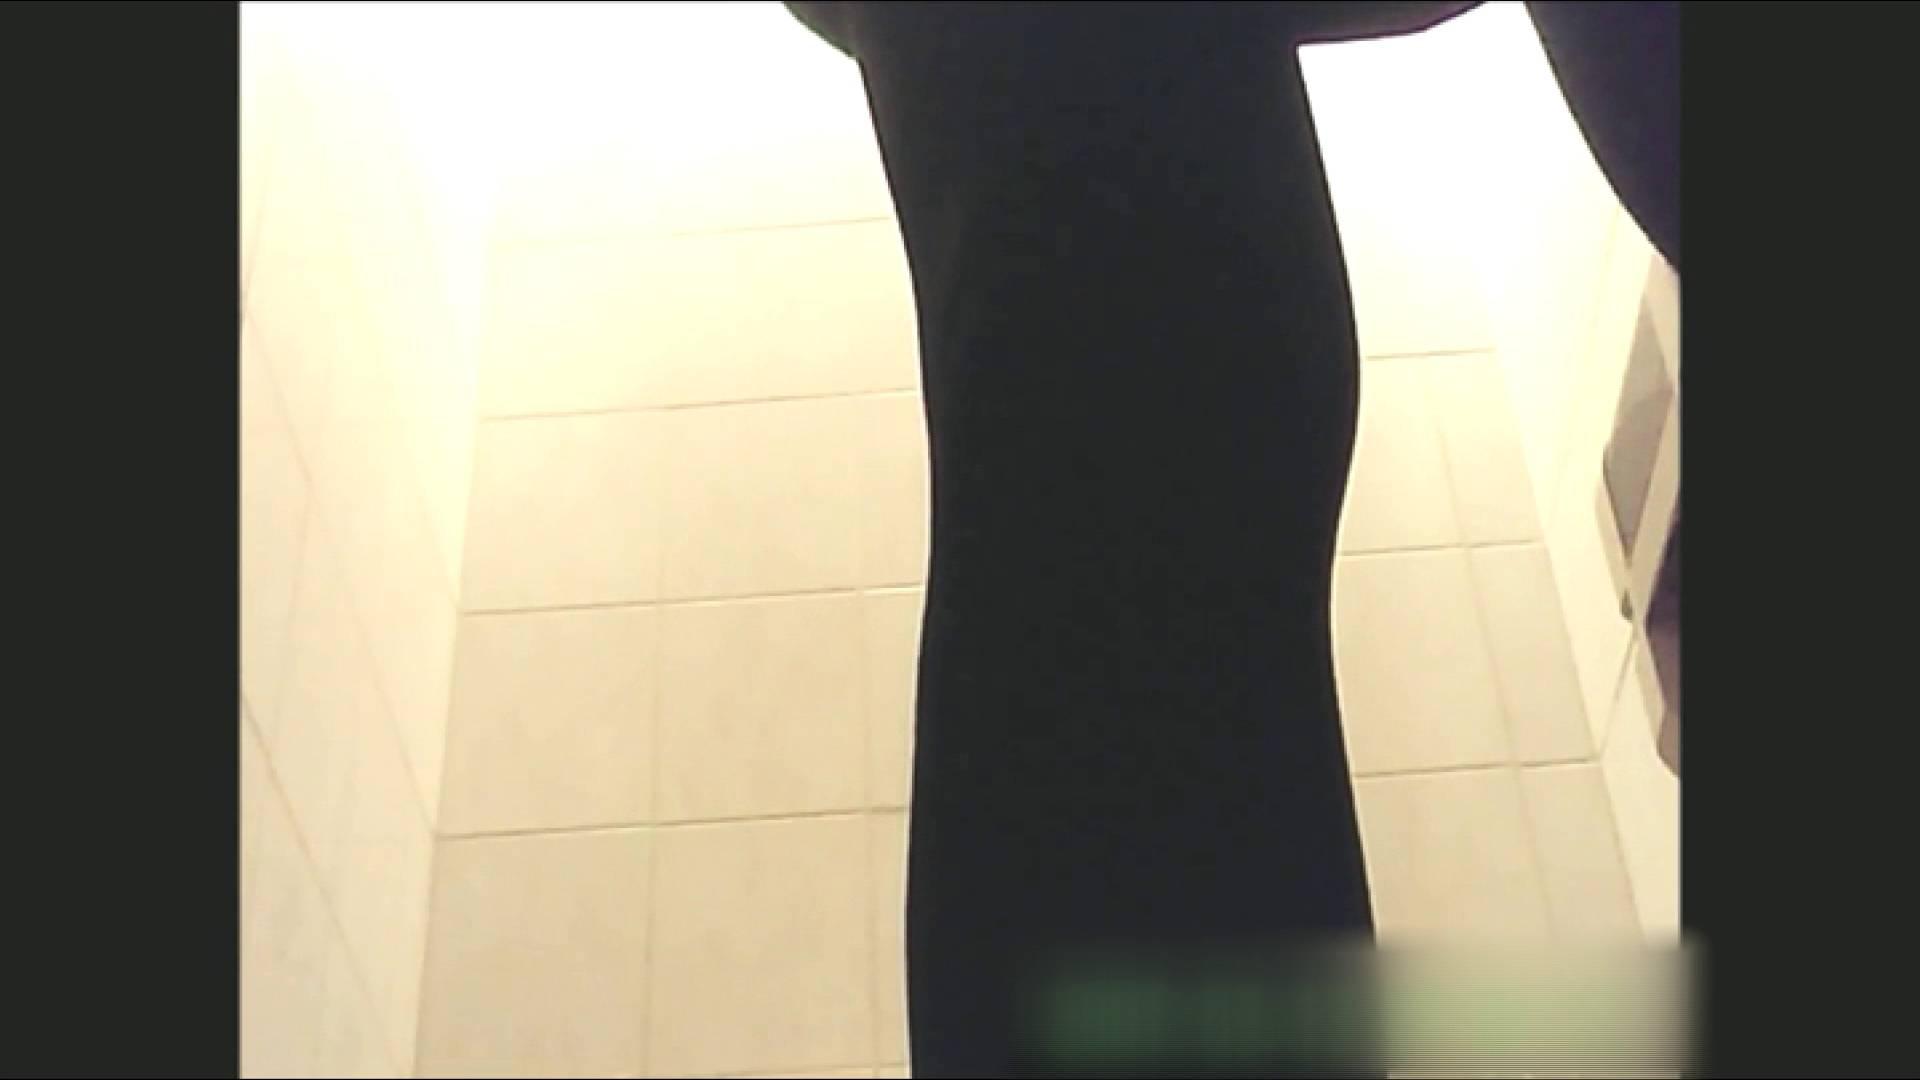 ティーンガールのトイレ覗き‼vol.03 覗き SEX無修正画像 48連発 25